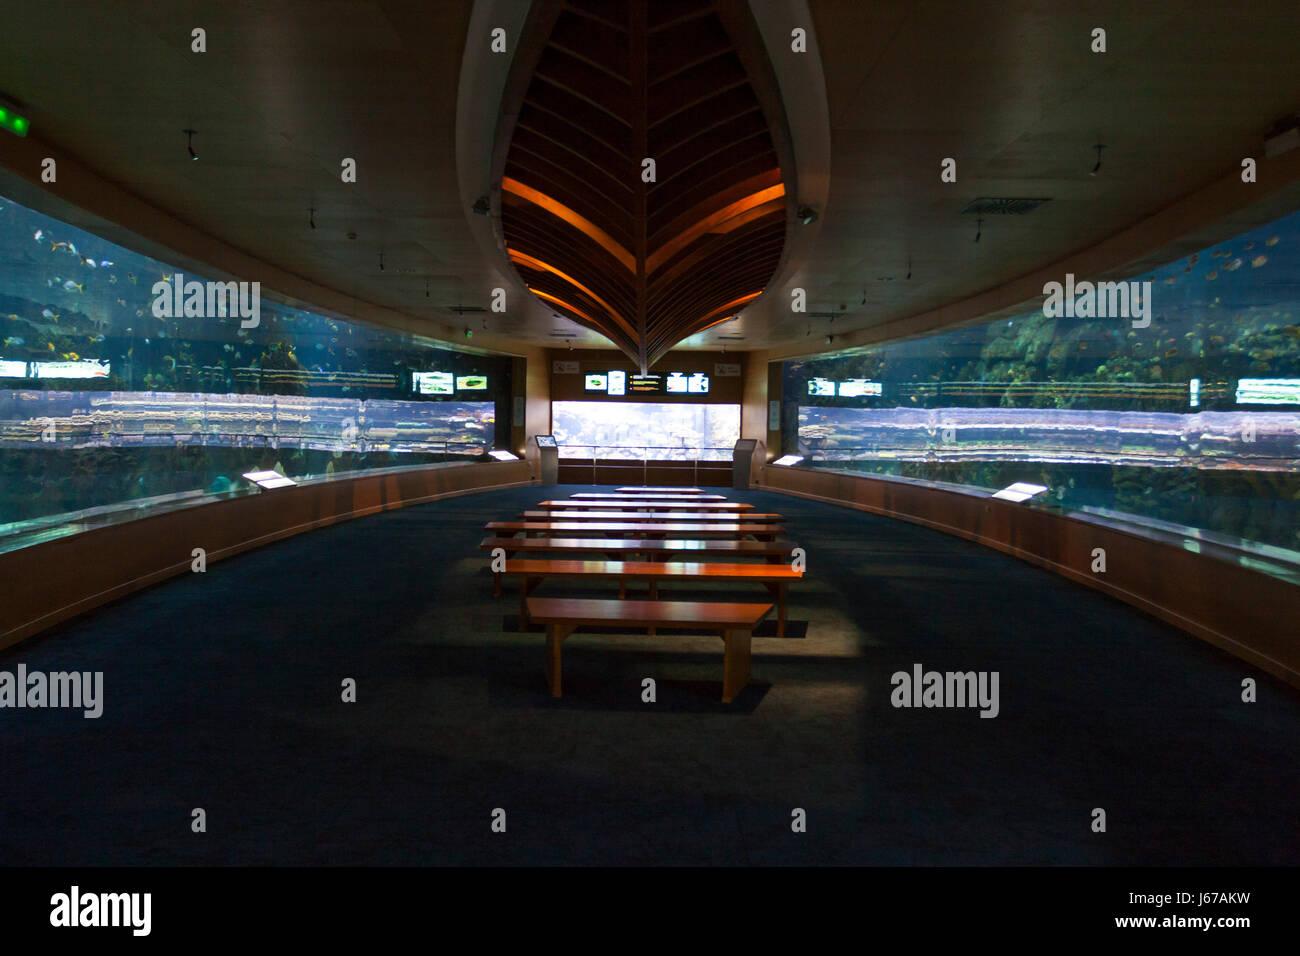 Spain comunidad autonoma de valencia stock photos spain for Aquarium valencia bar